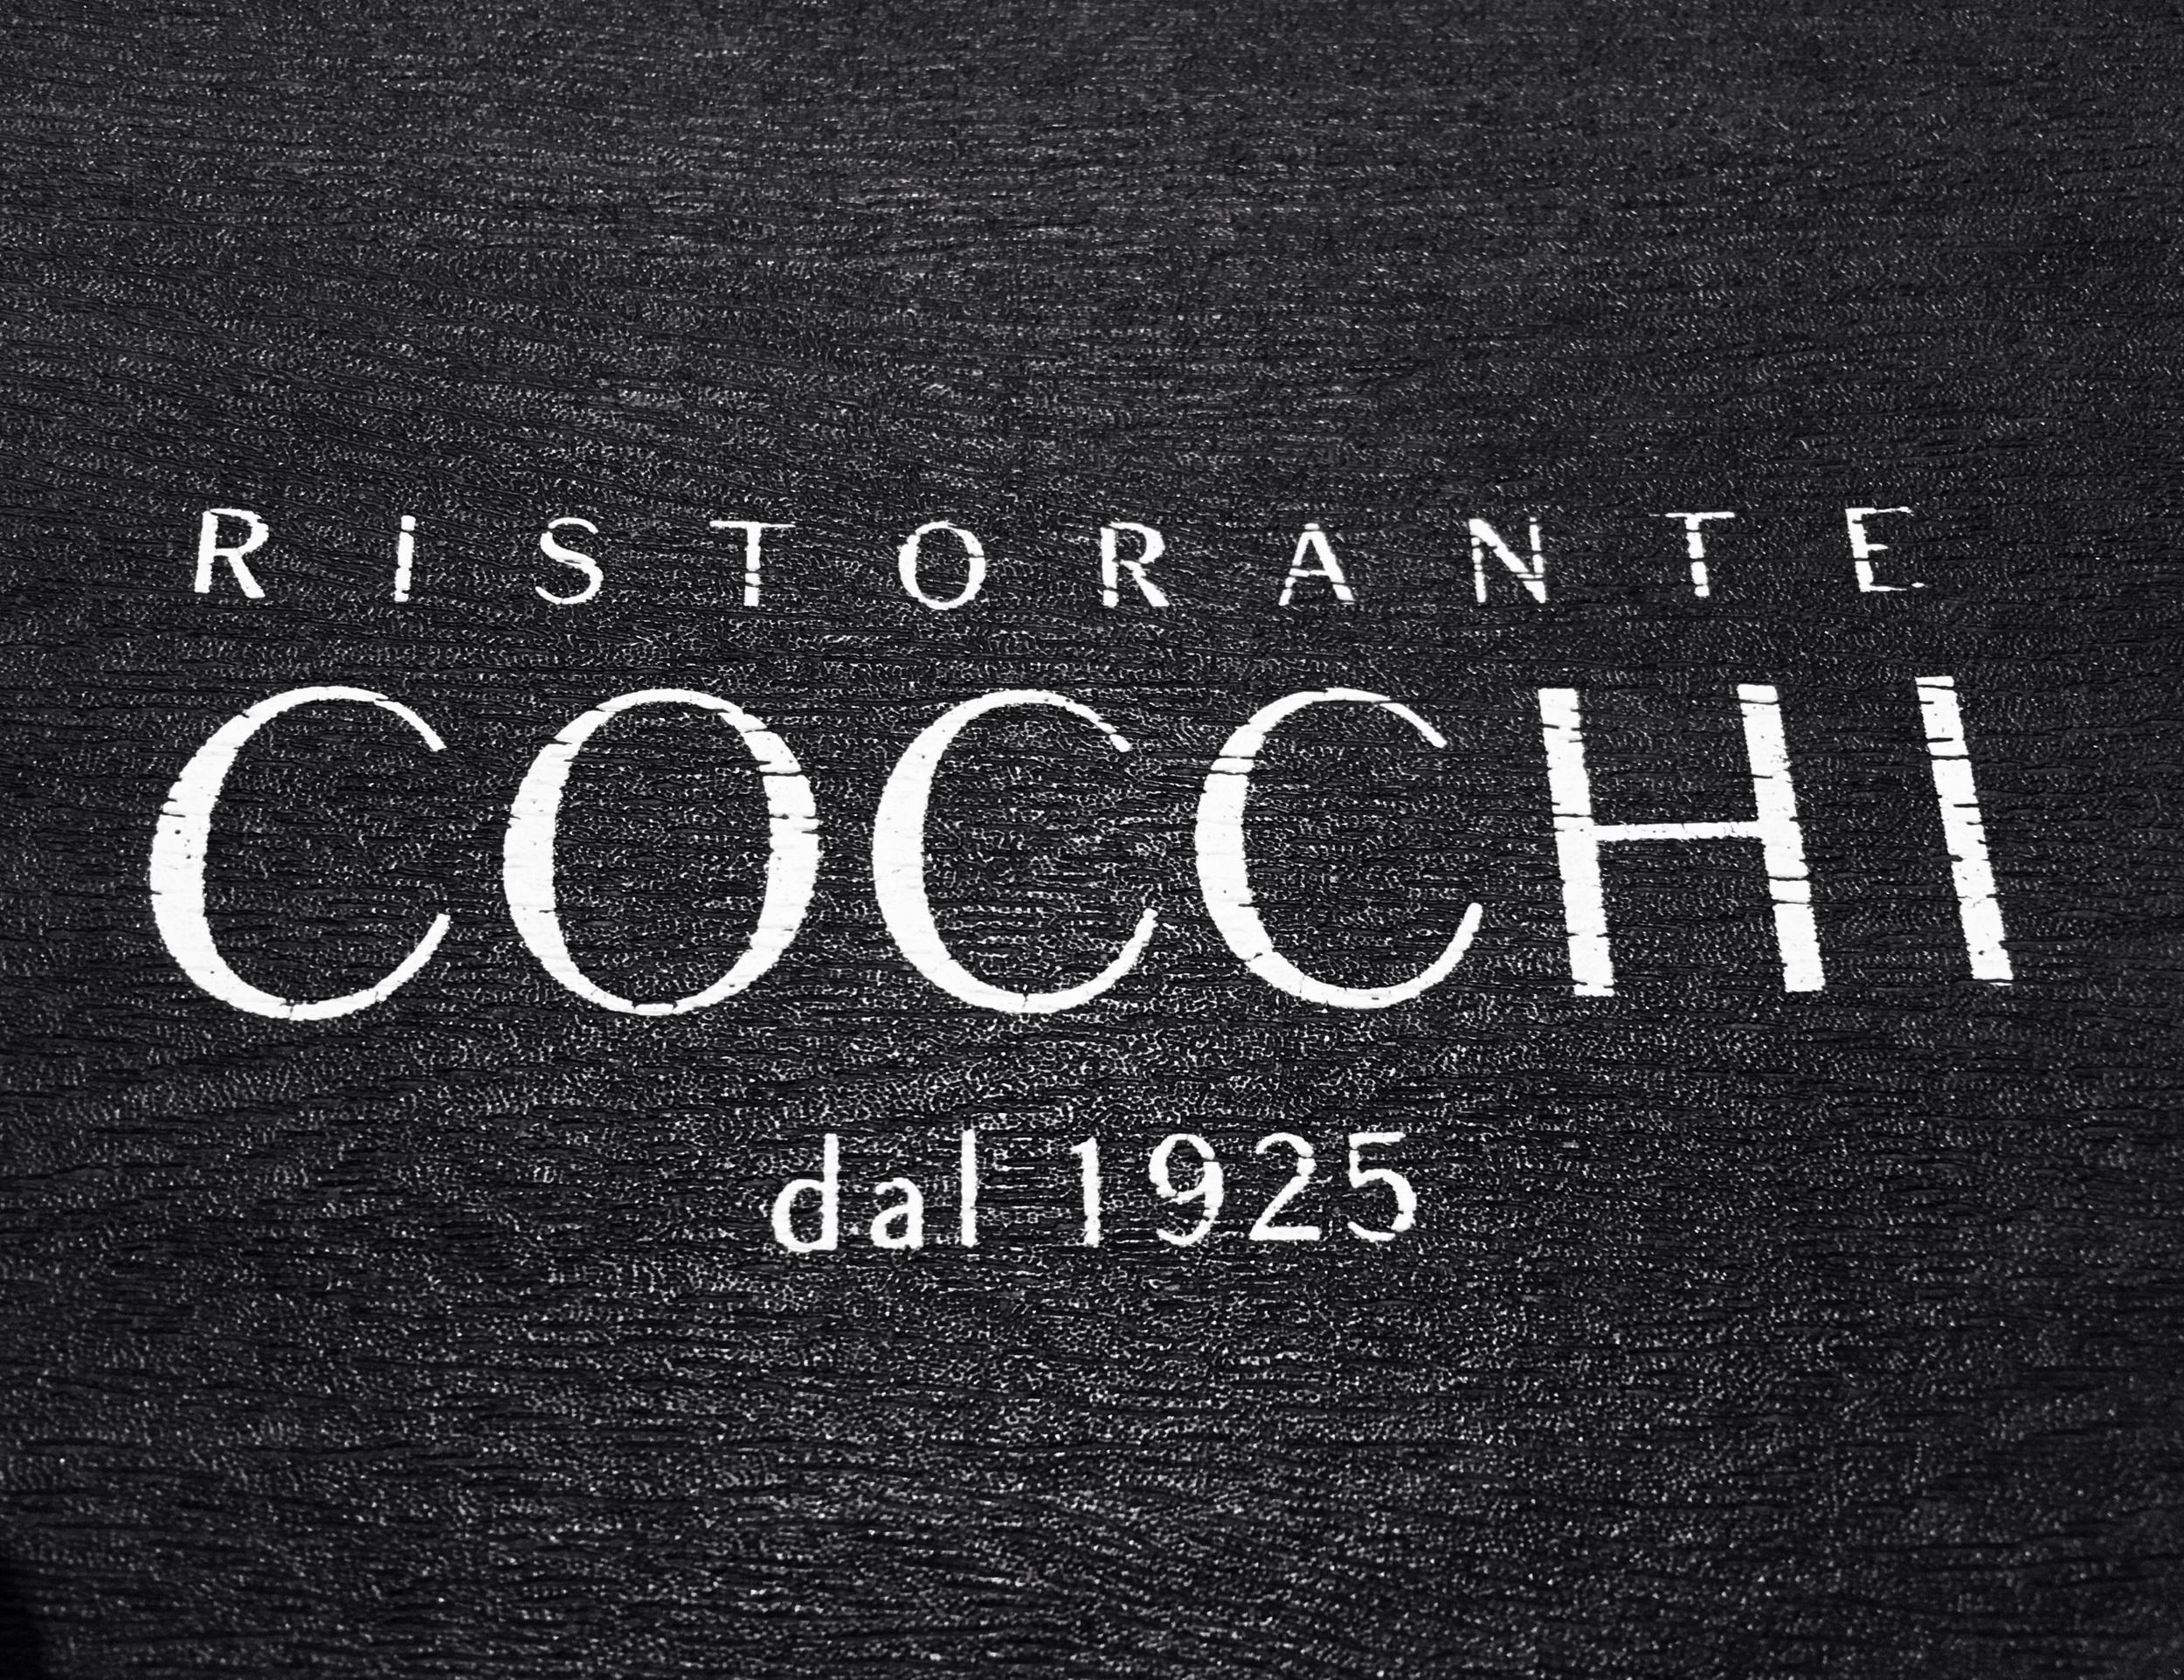 Ristorante Cocchi, Parma